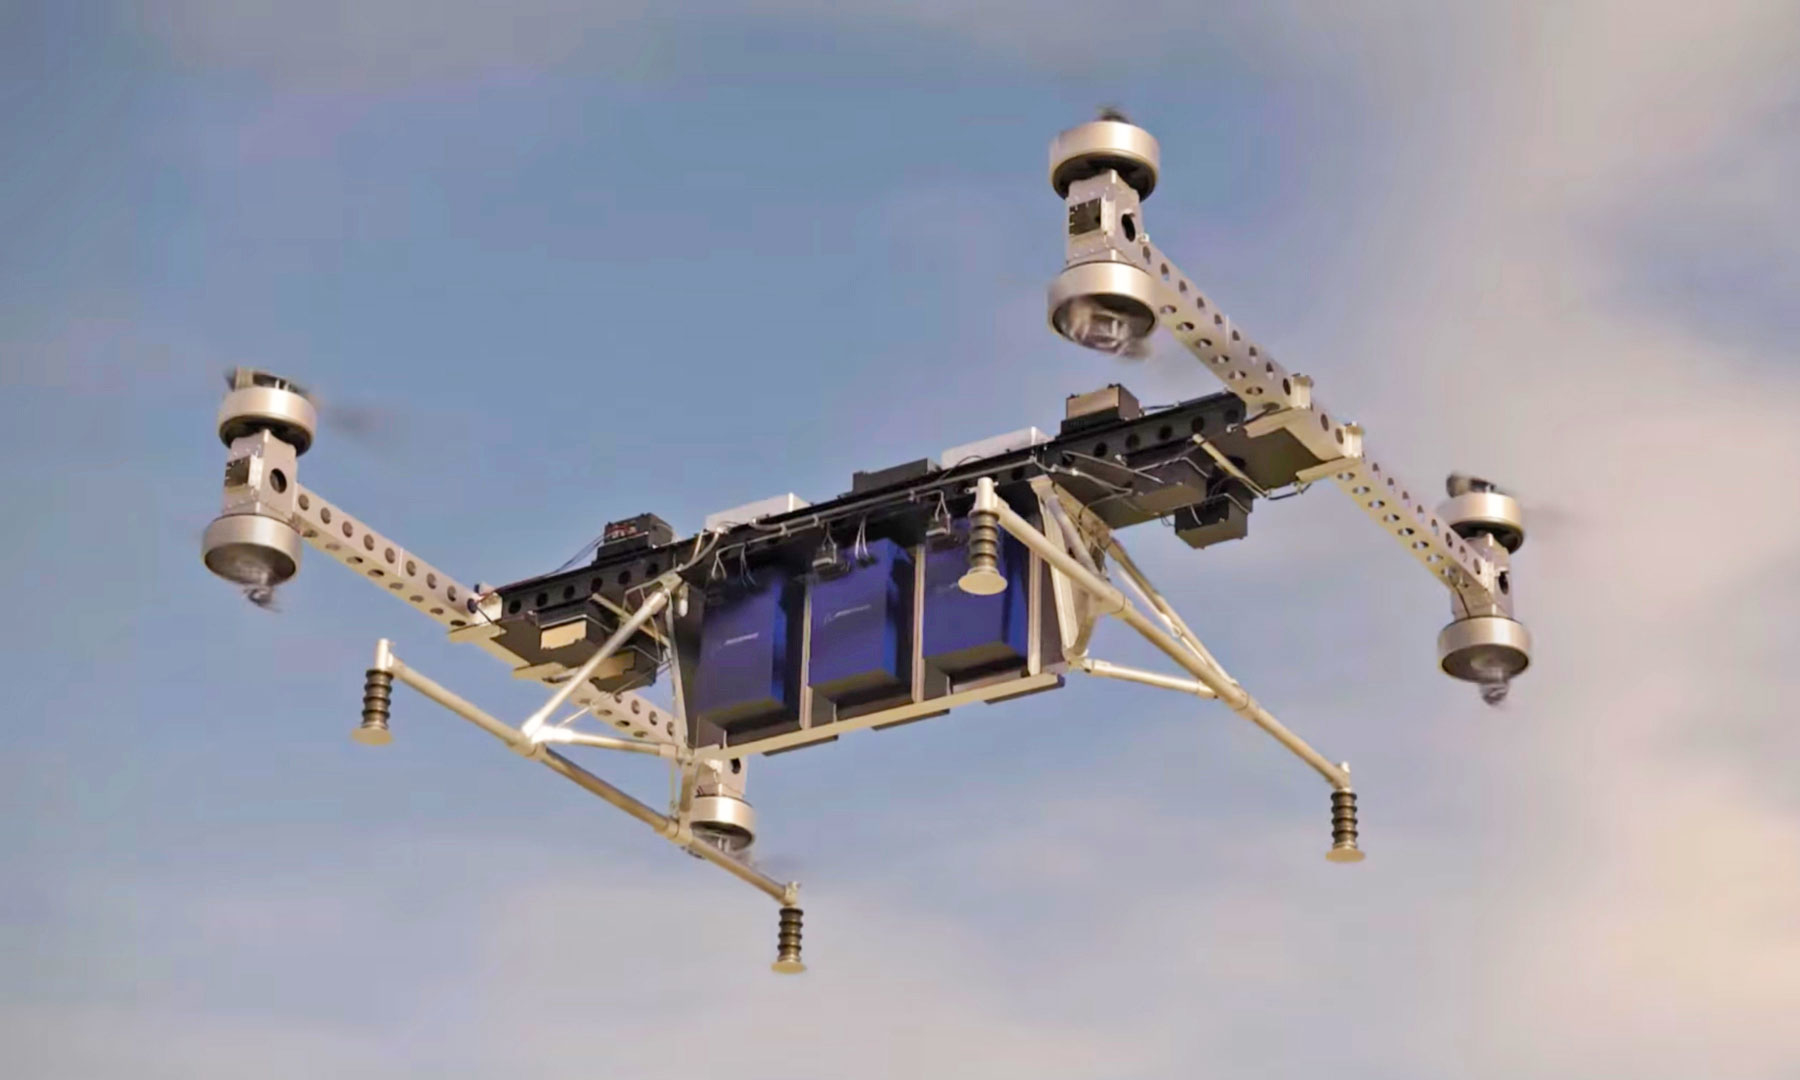 EVTOL— дрон, способный поднять неменее 200кг груза